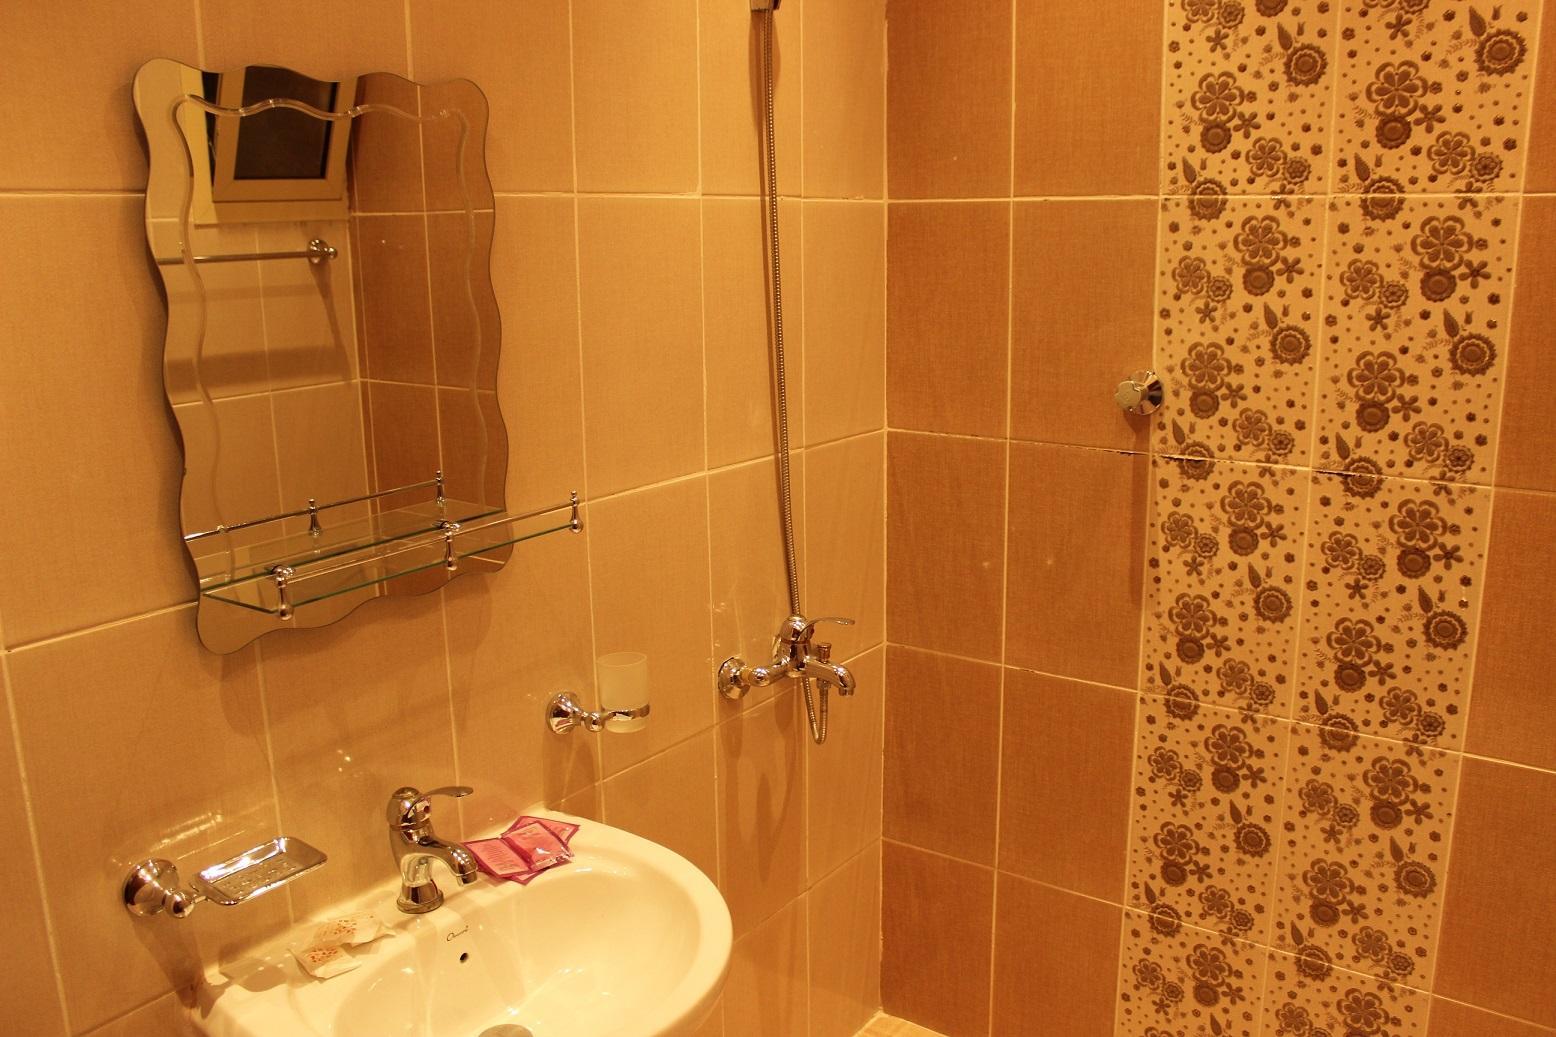 شقق أجمل مساء وحدات سكنية مفروشة الرياض 0114443919 375508034.jpg